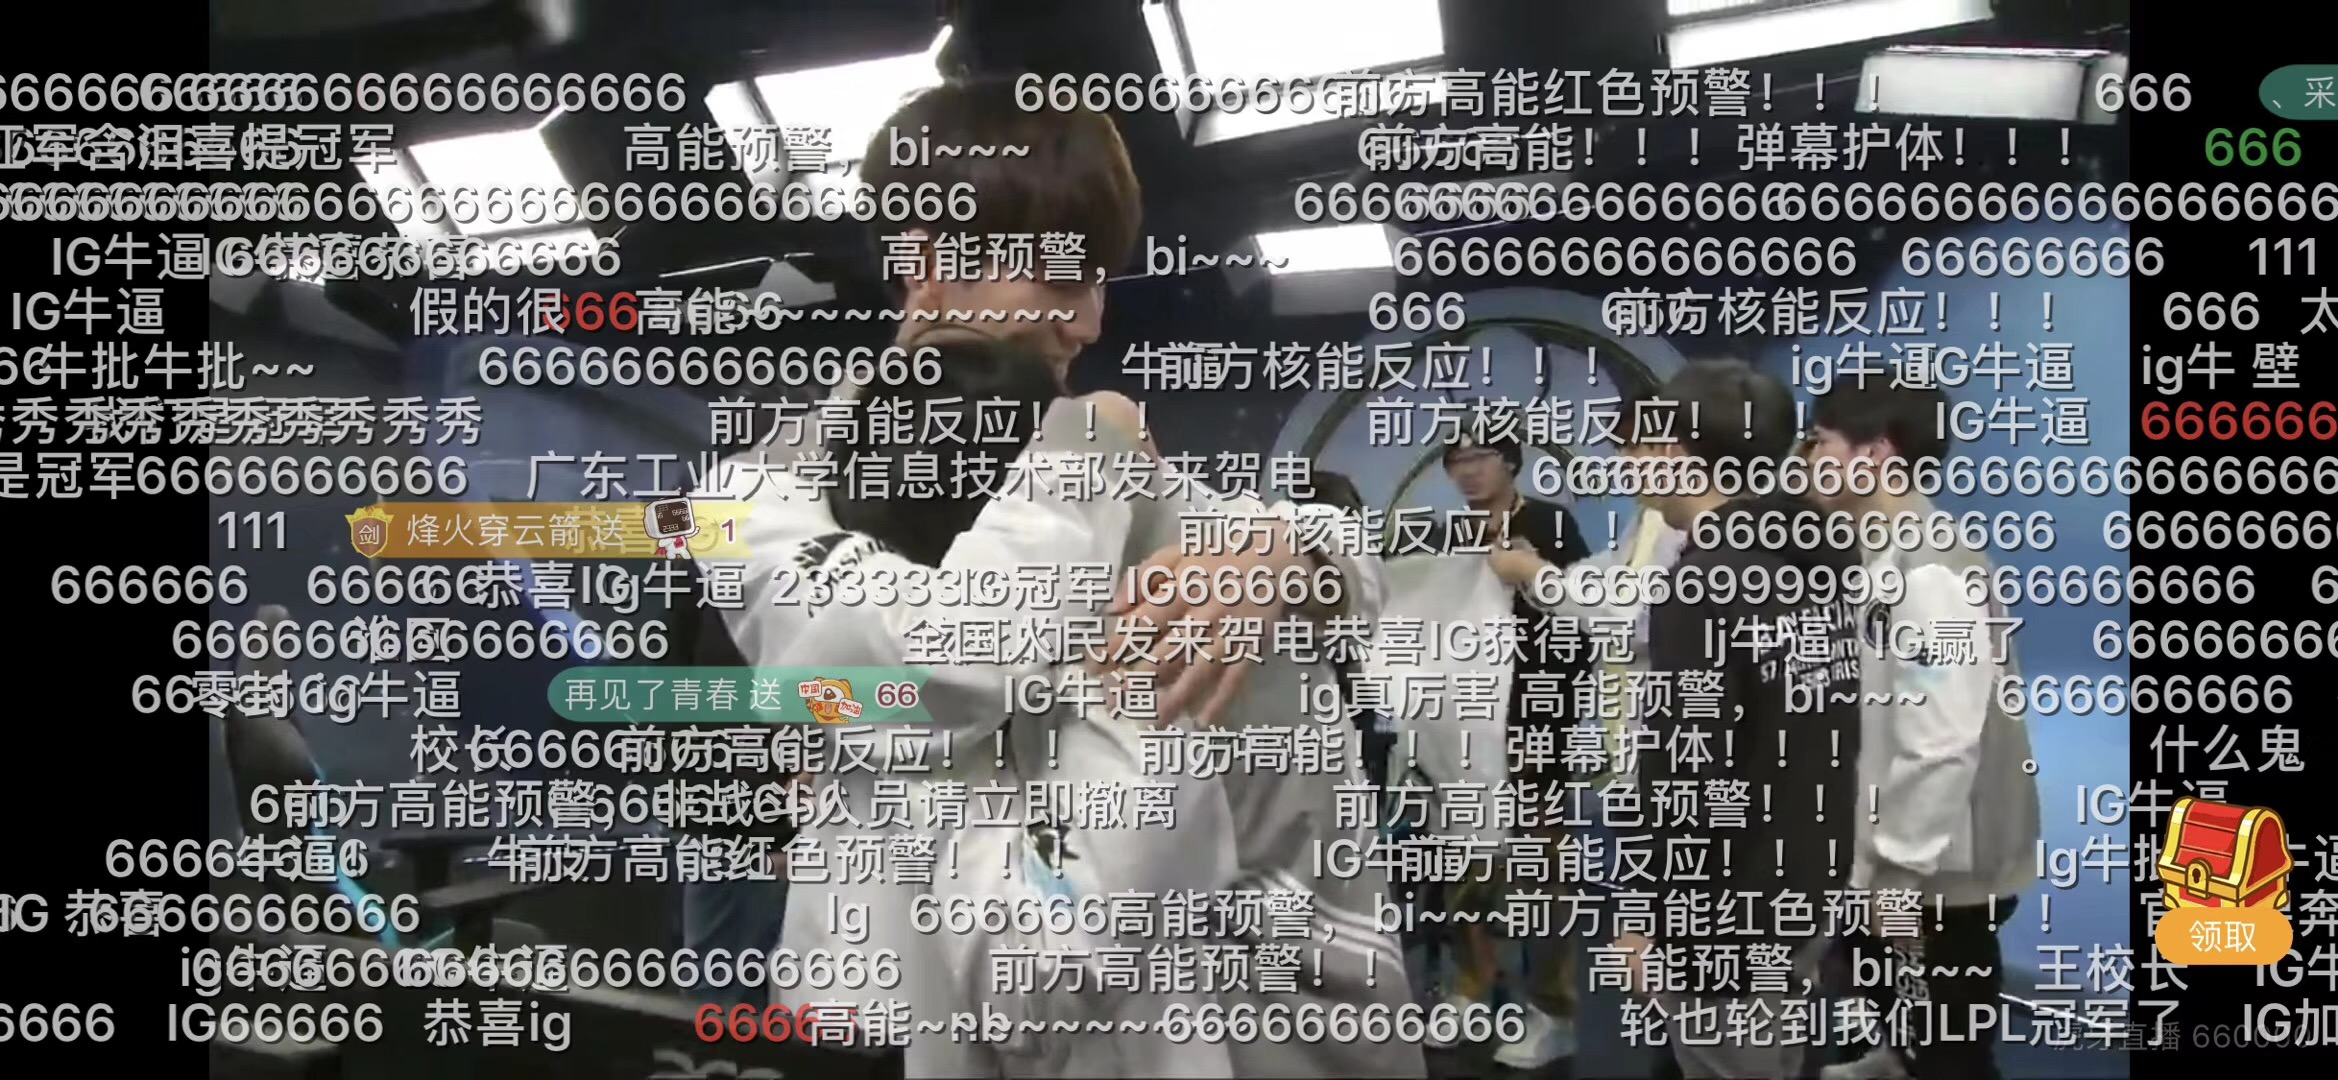 中国威武!英雄联盟S8世界总决赛,IG夺冠!